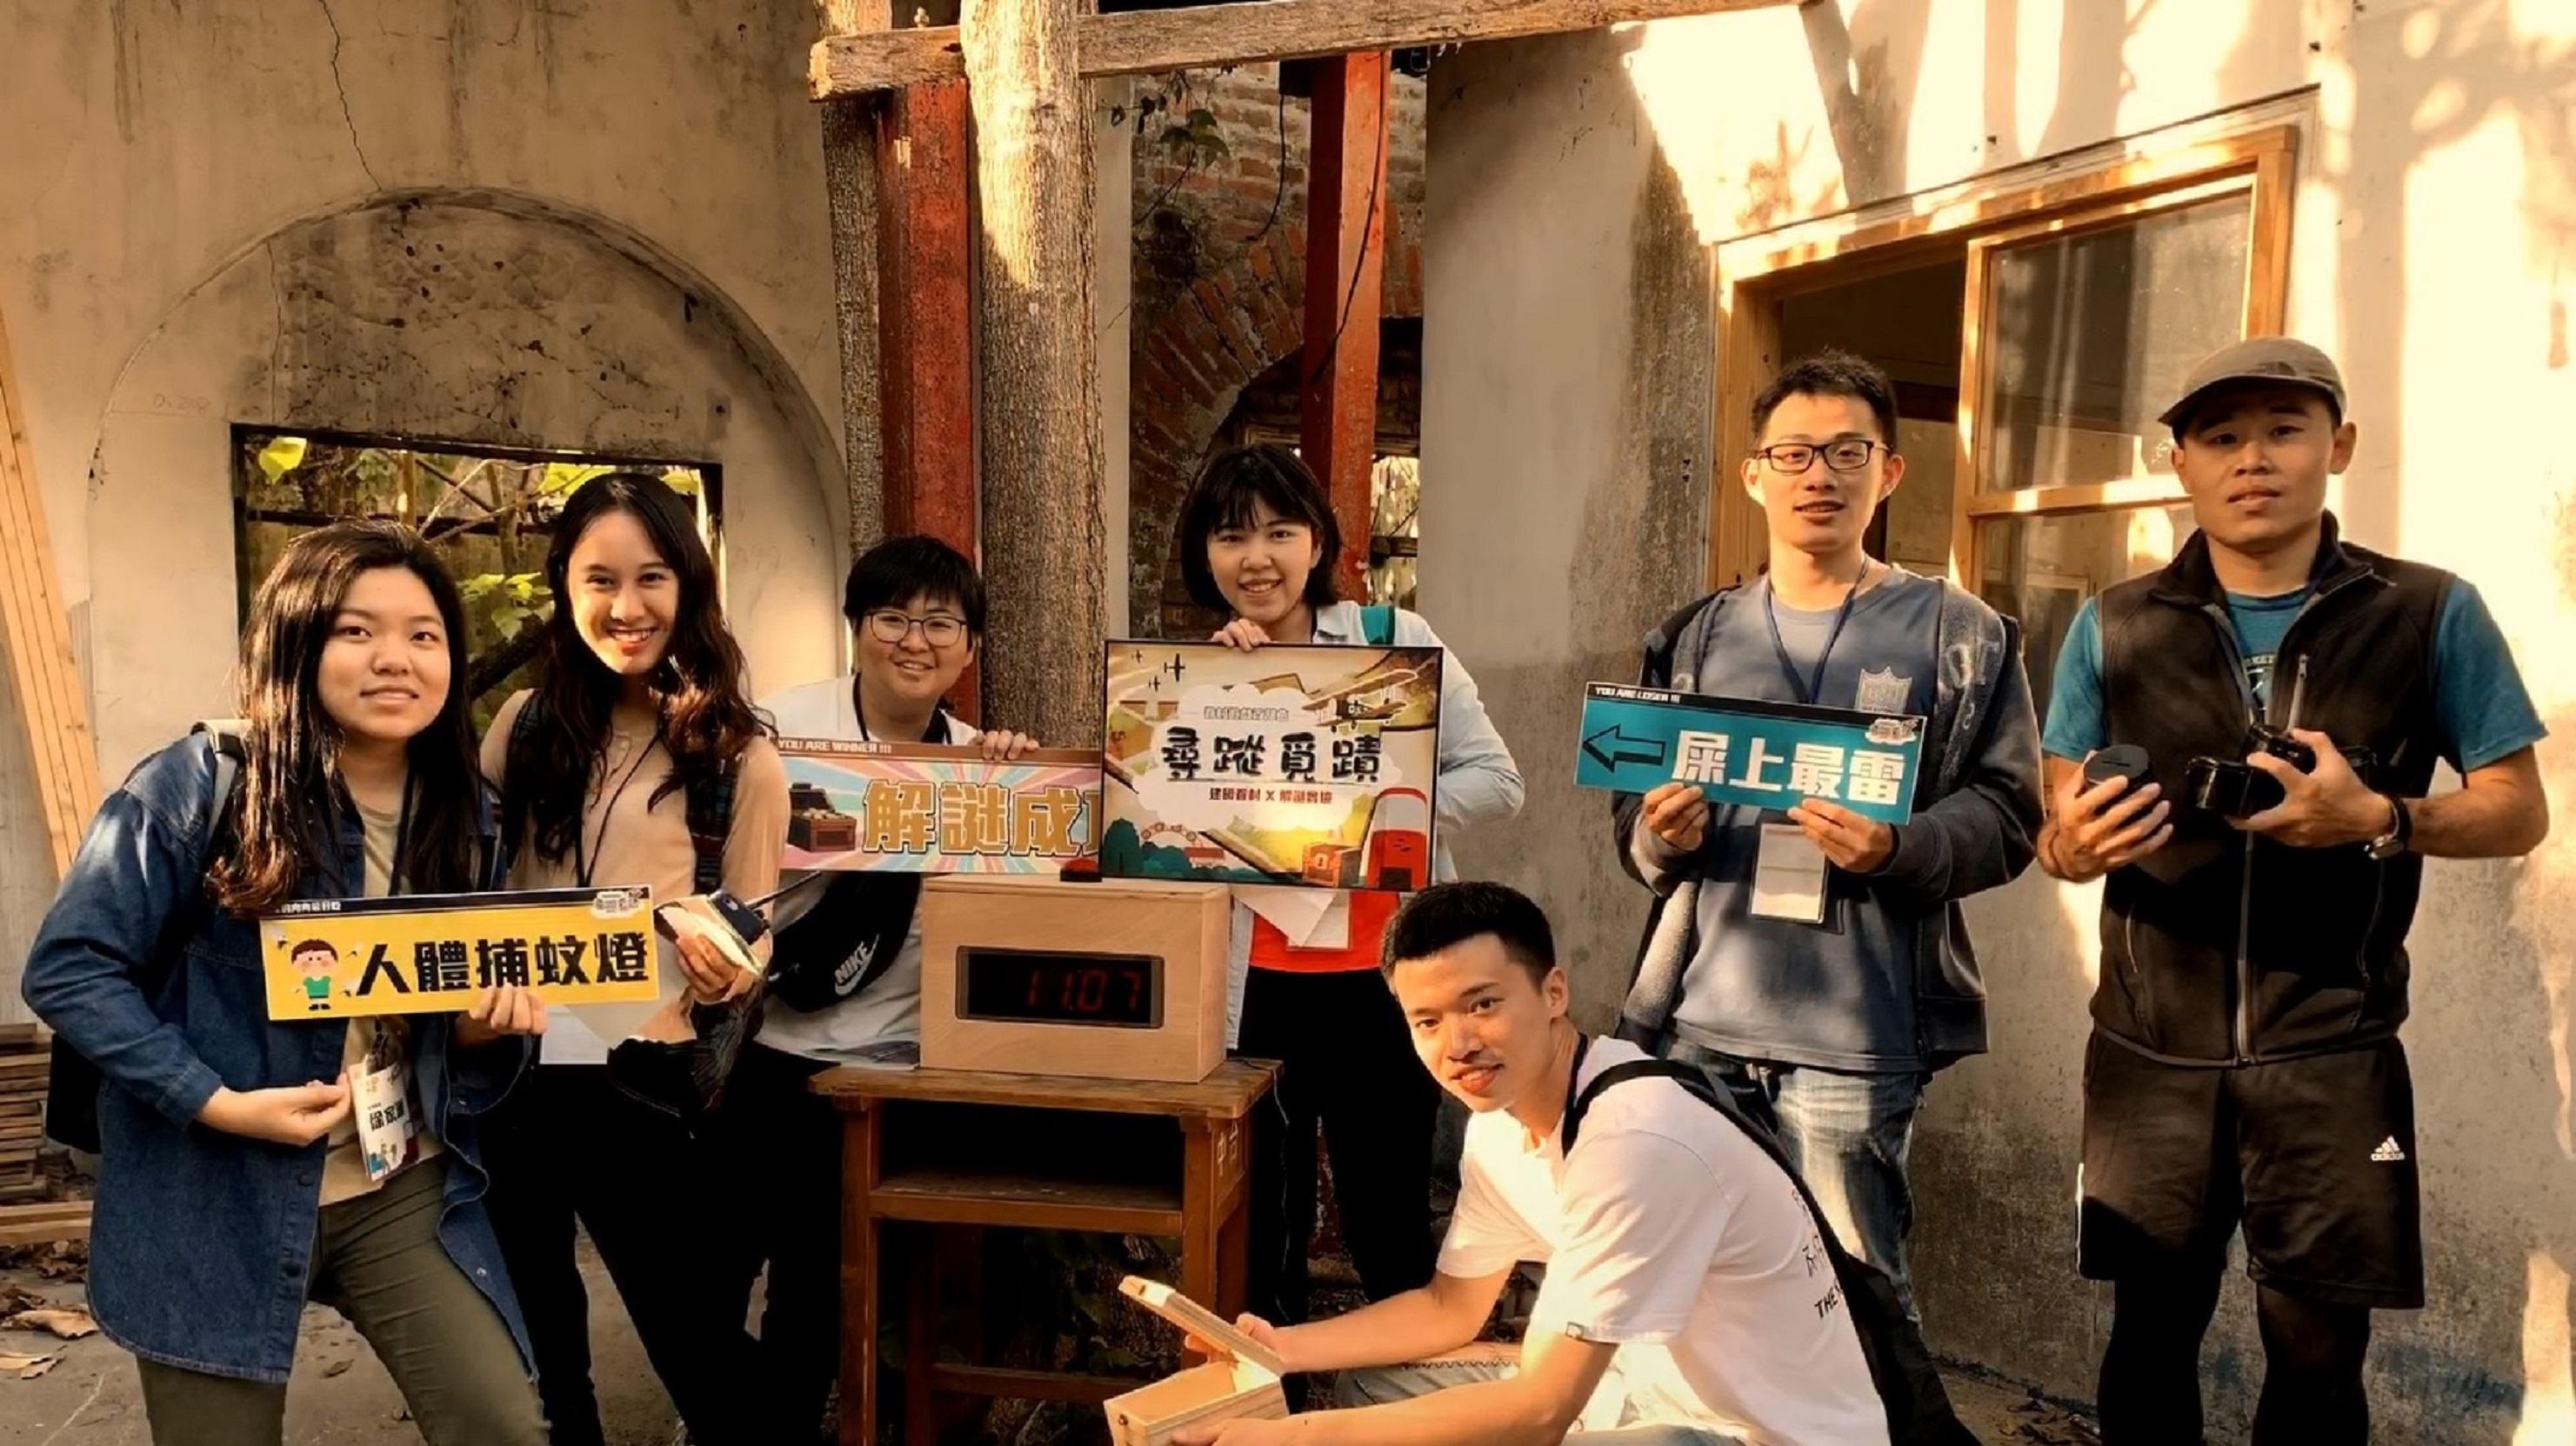 照片1-參與青年壯遊活動的青年們,一起在建國眷村中玩實境解謎遊戲